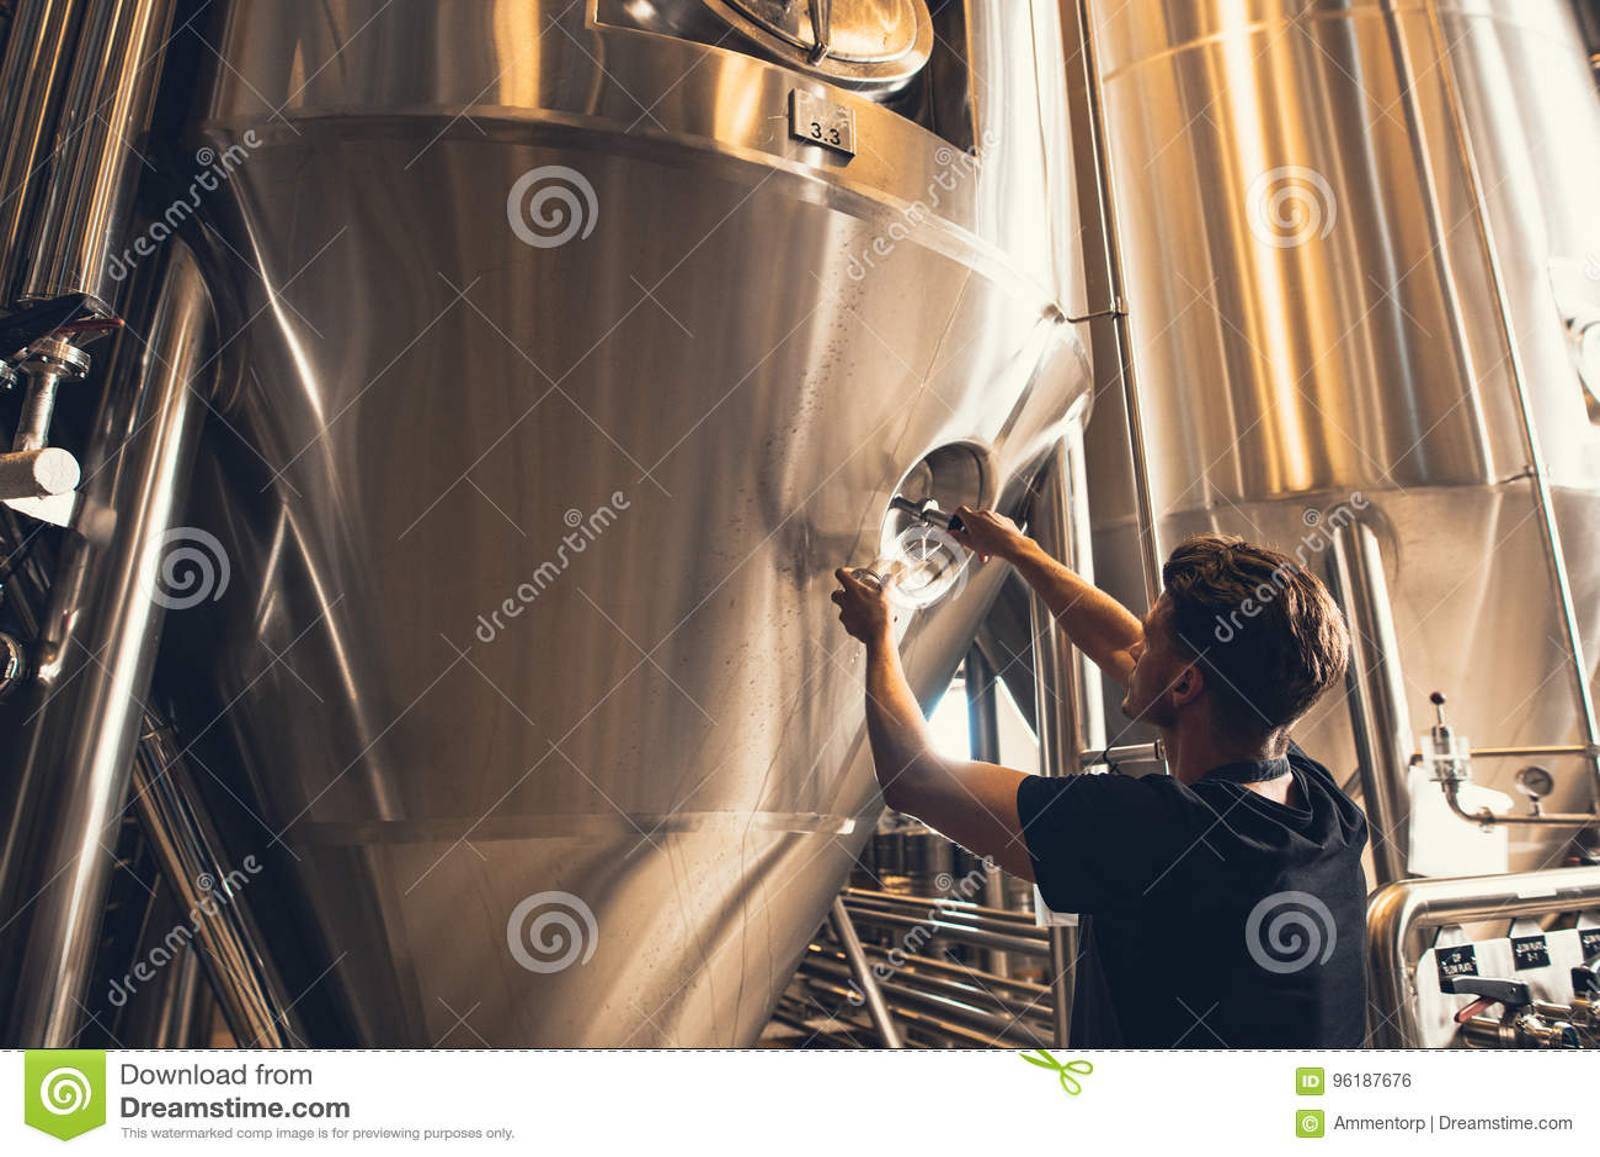 Propietario de negocio de la cervecería que prueba la cerveza